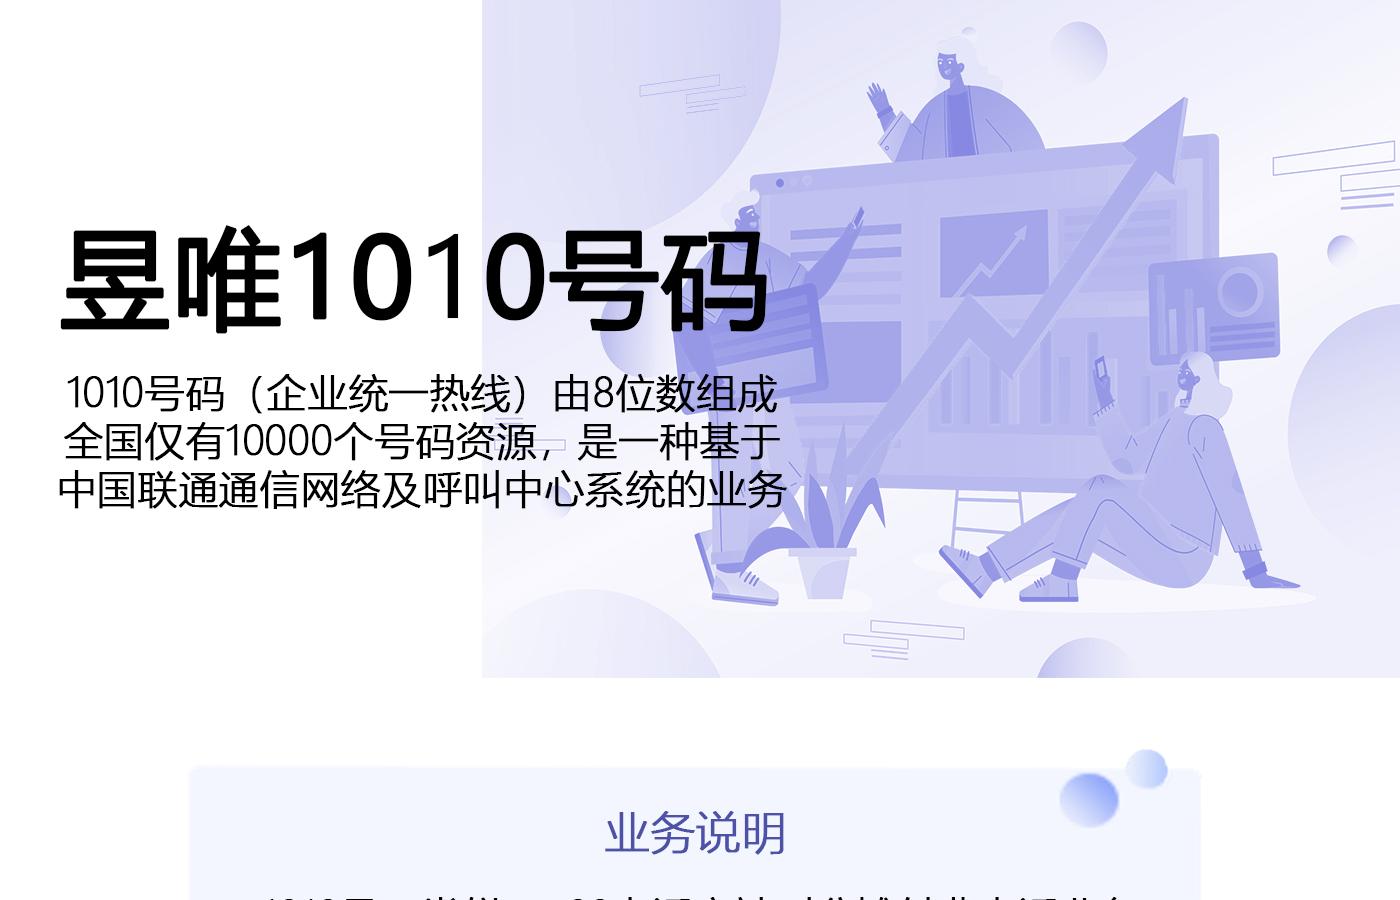 1010号码1440_01.jpg